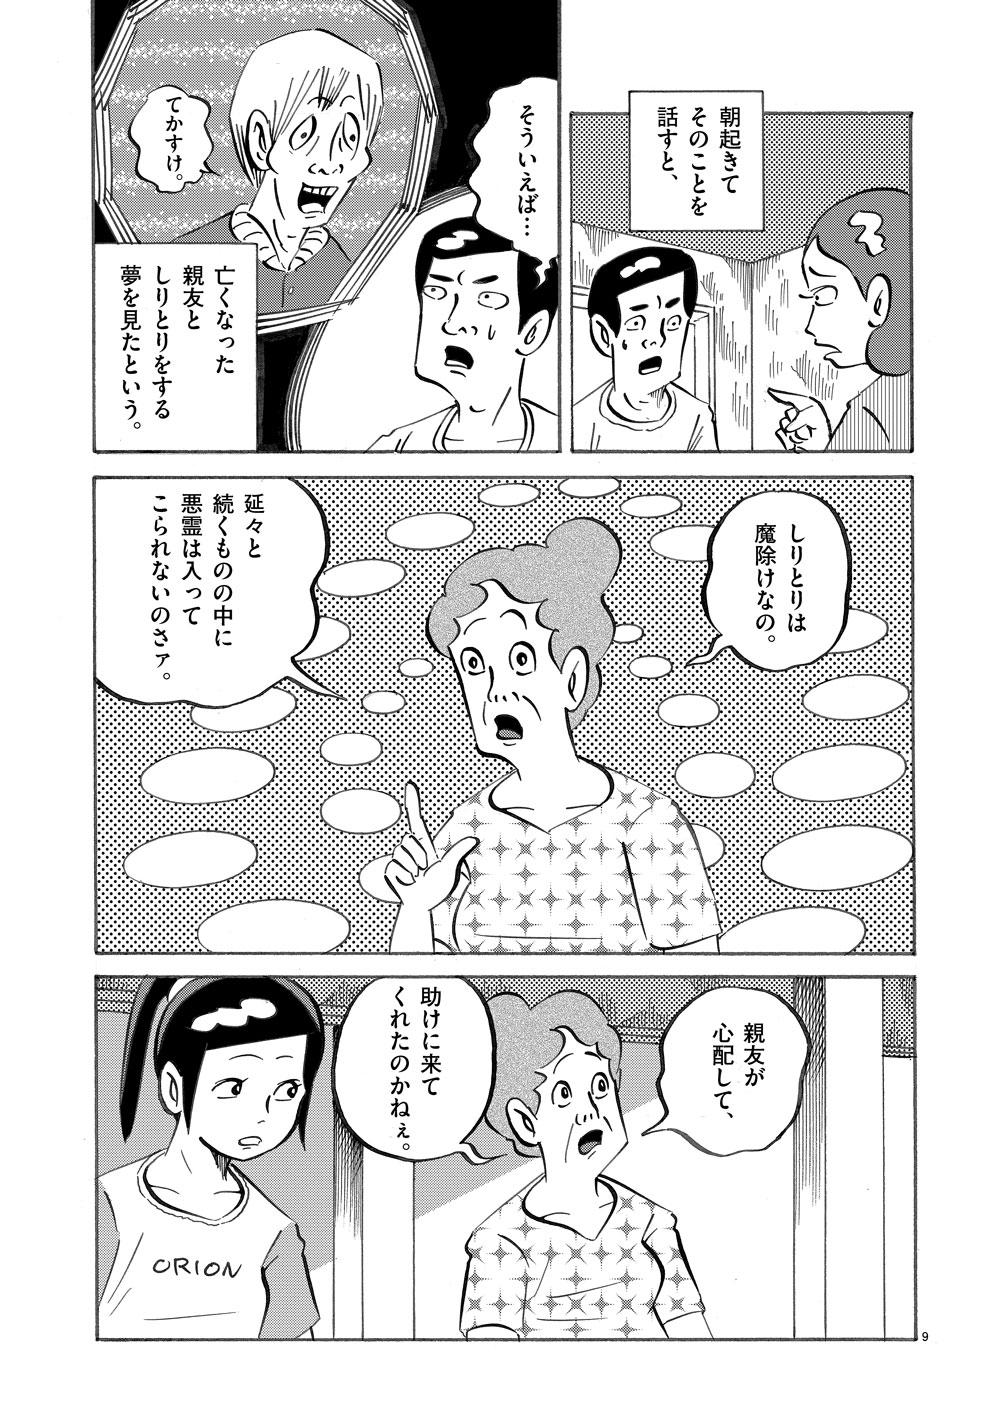 琉球怪談 【第10話】WEB掲載9ページ目画像